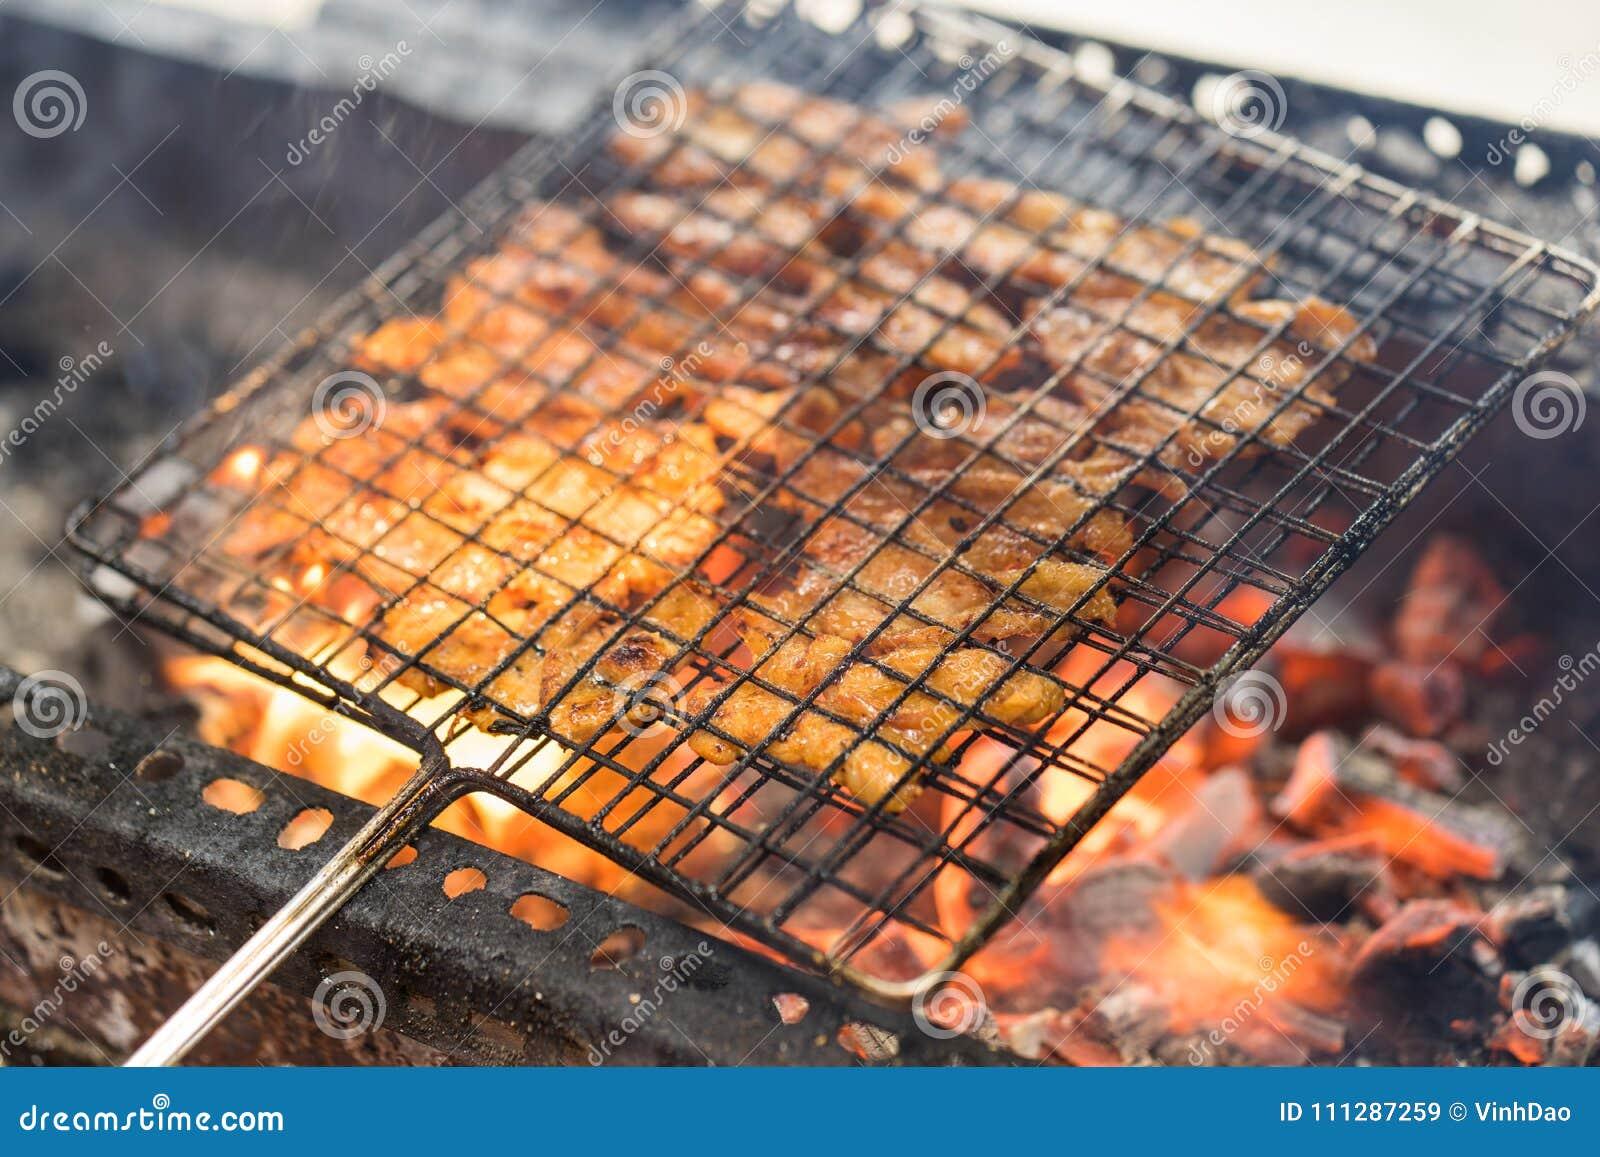 Ase a la parilla la carne que cocina en el fuego - el ingrediente del cha del bollo la sopa de fideos vietnamita famosa con la ca